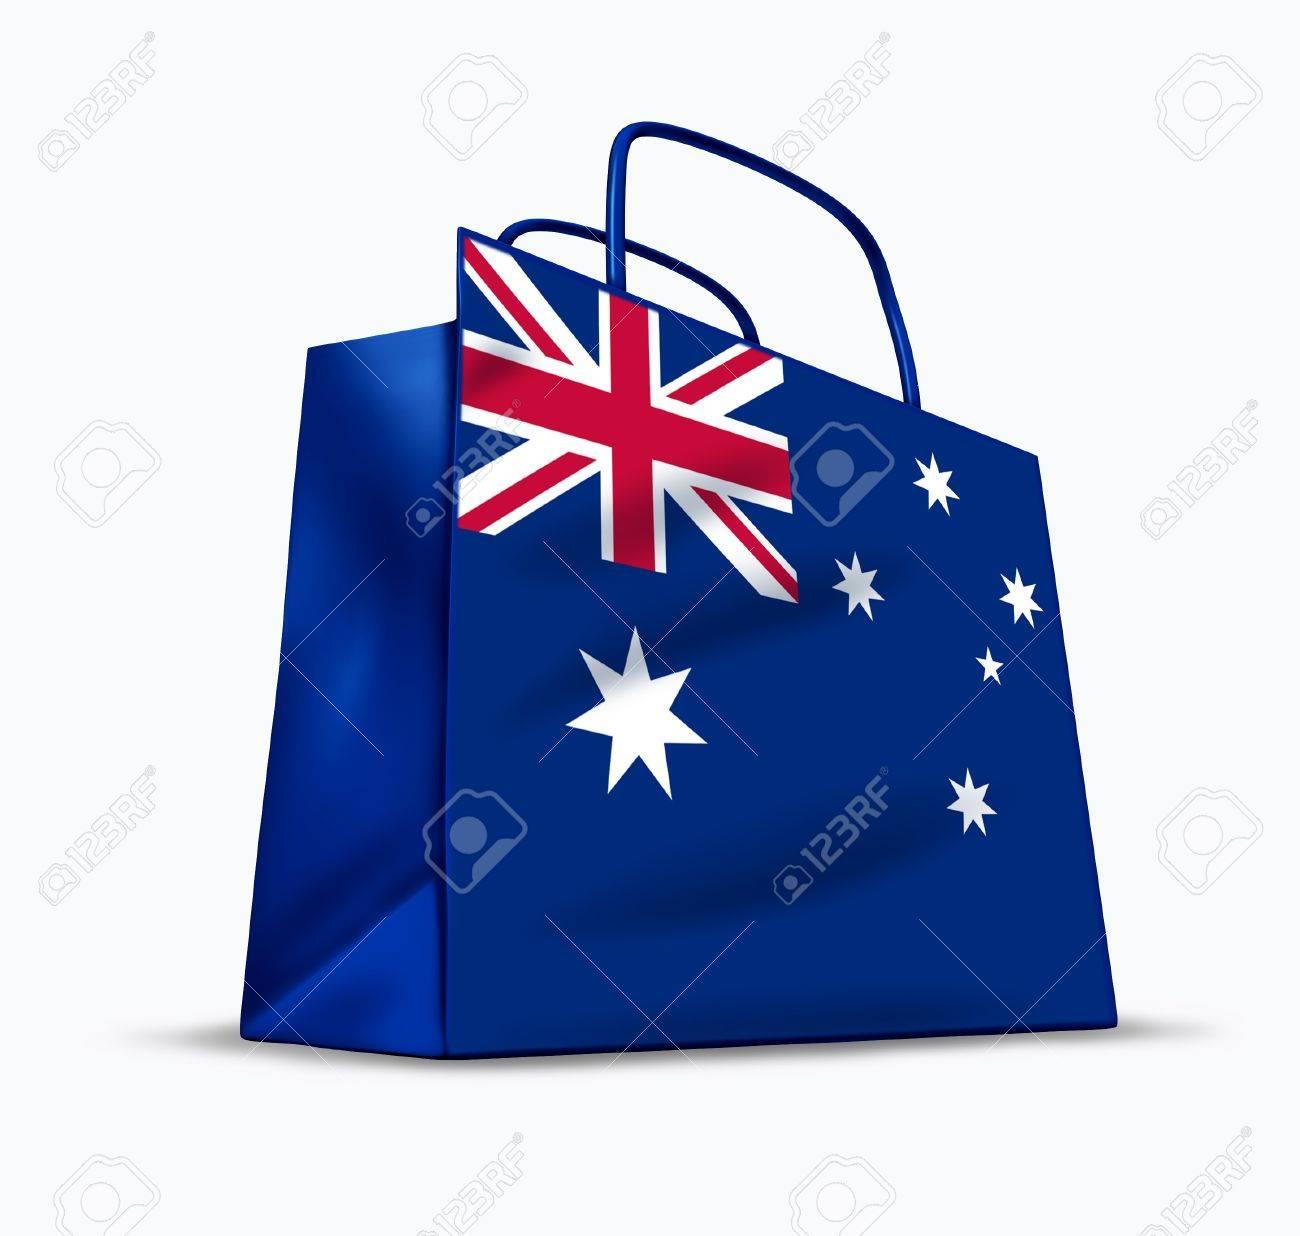 Símbolo Representado Una Bandera Bolsa La Por Con De Australia Australiano Comercial K1FJcl